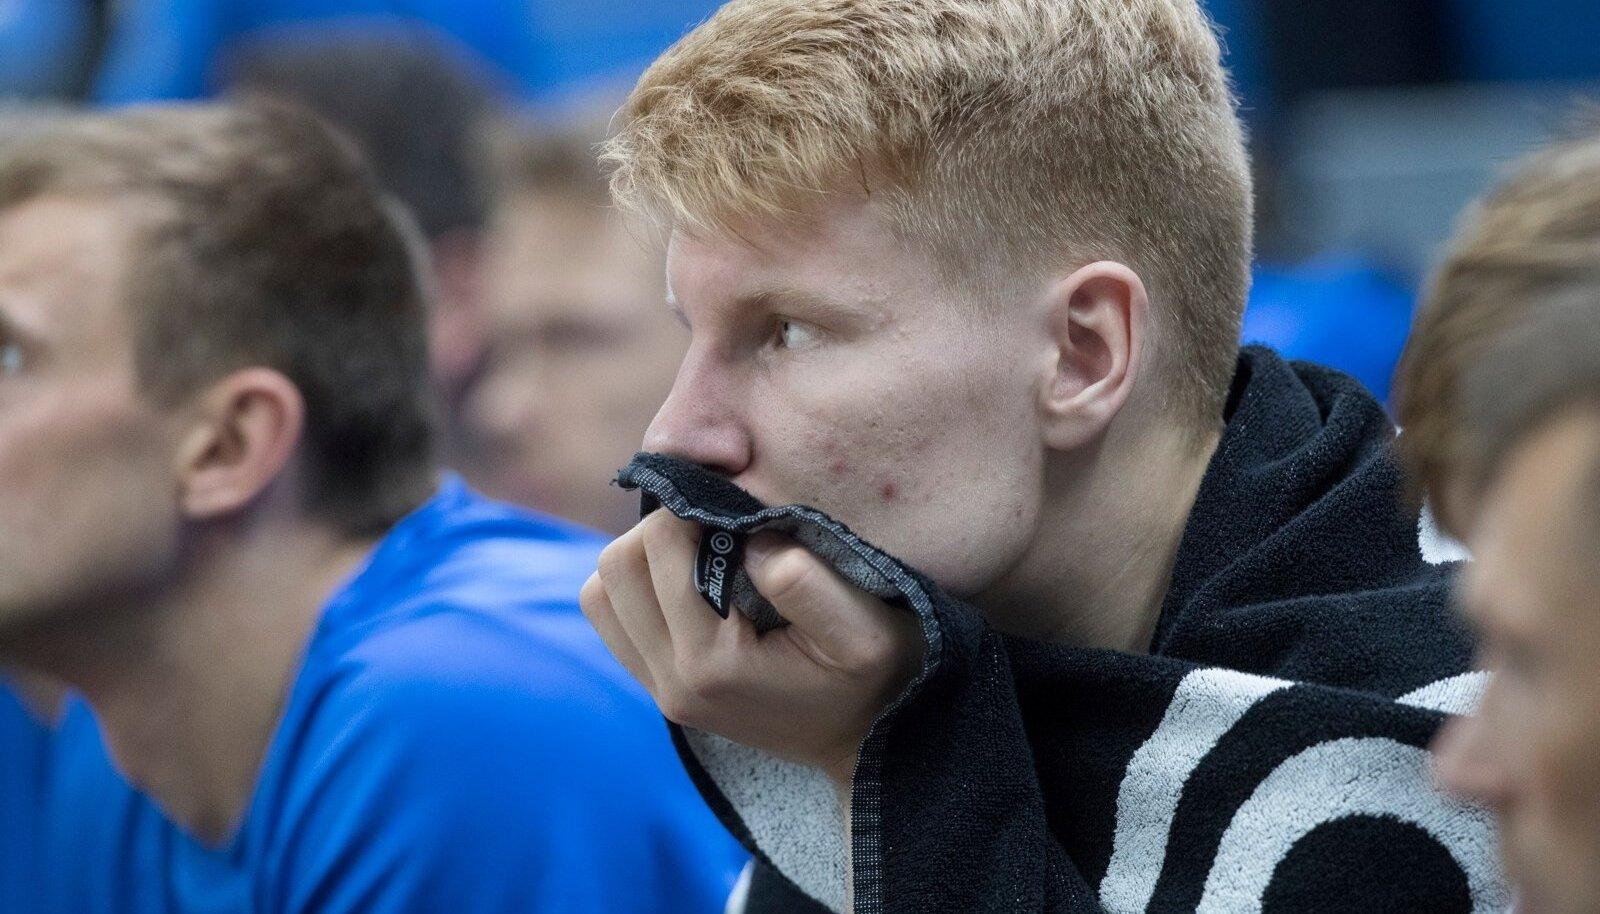 Ühisliiga mängudes pidi Matthias Tass leppima peamiselt varumeeste pingil istumisega.